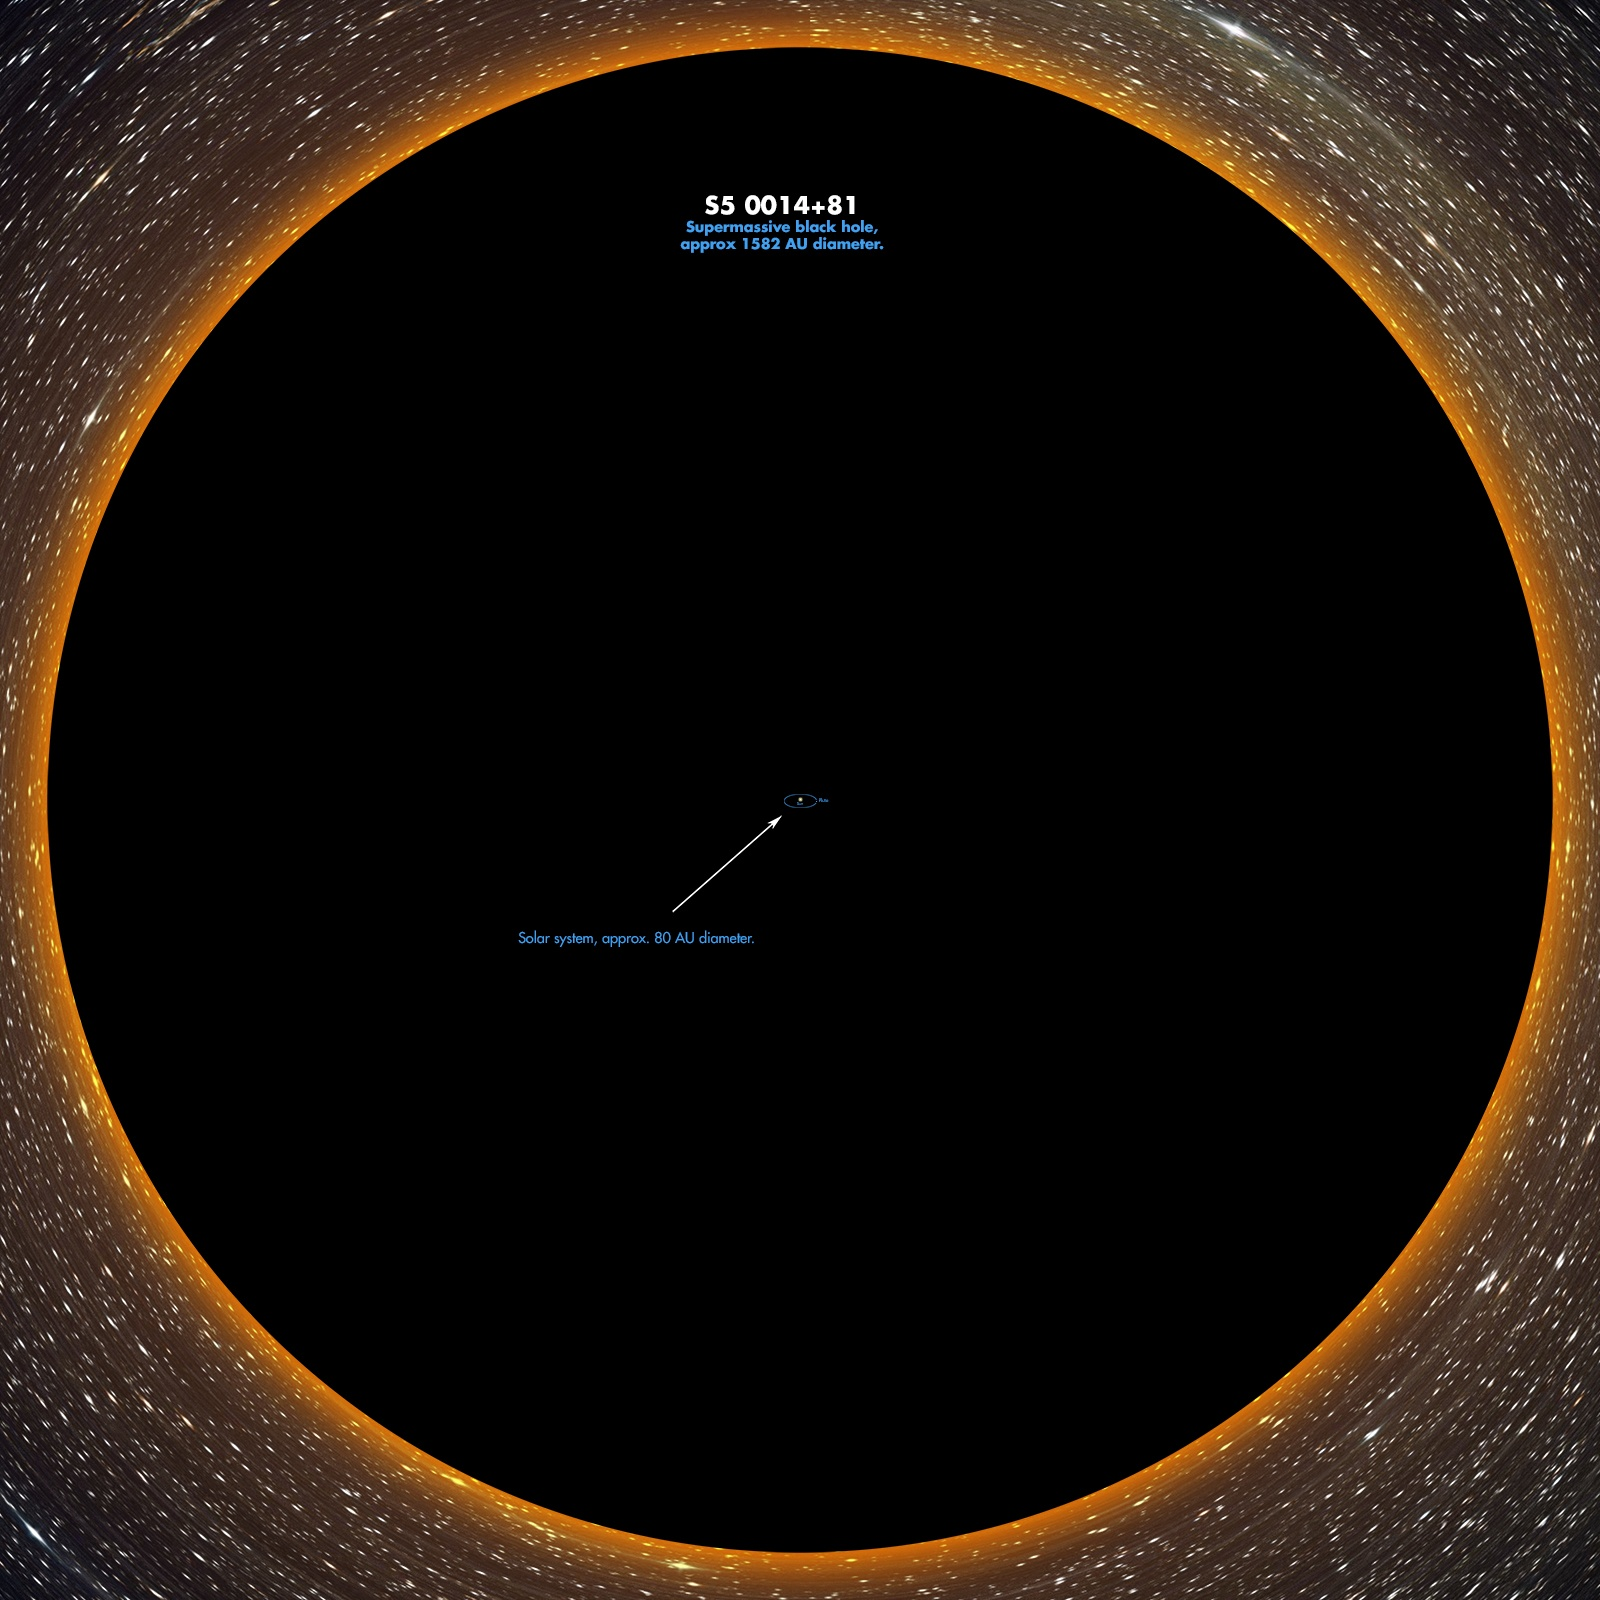 ده مورد از عجیبترین سیاه چالههای  جهان